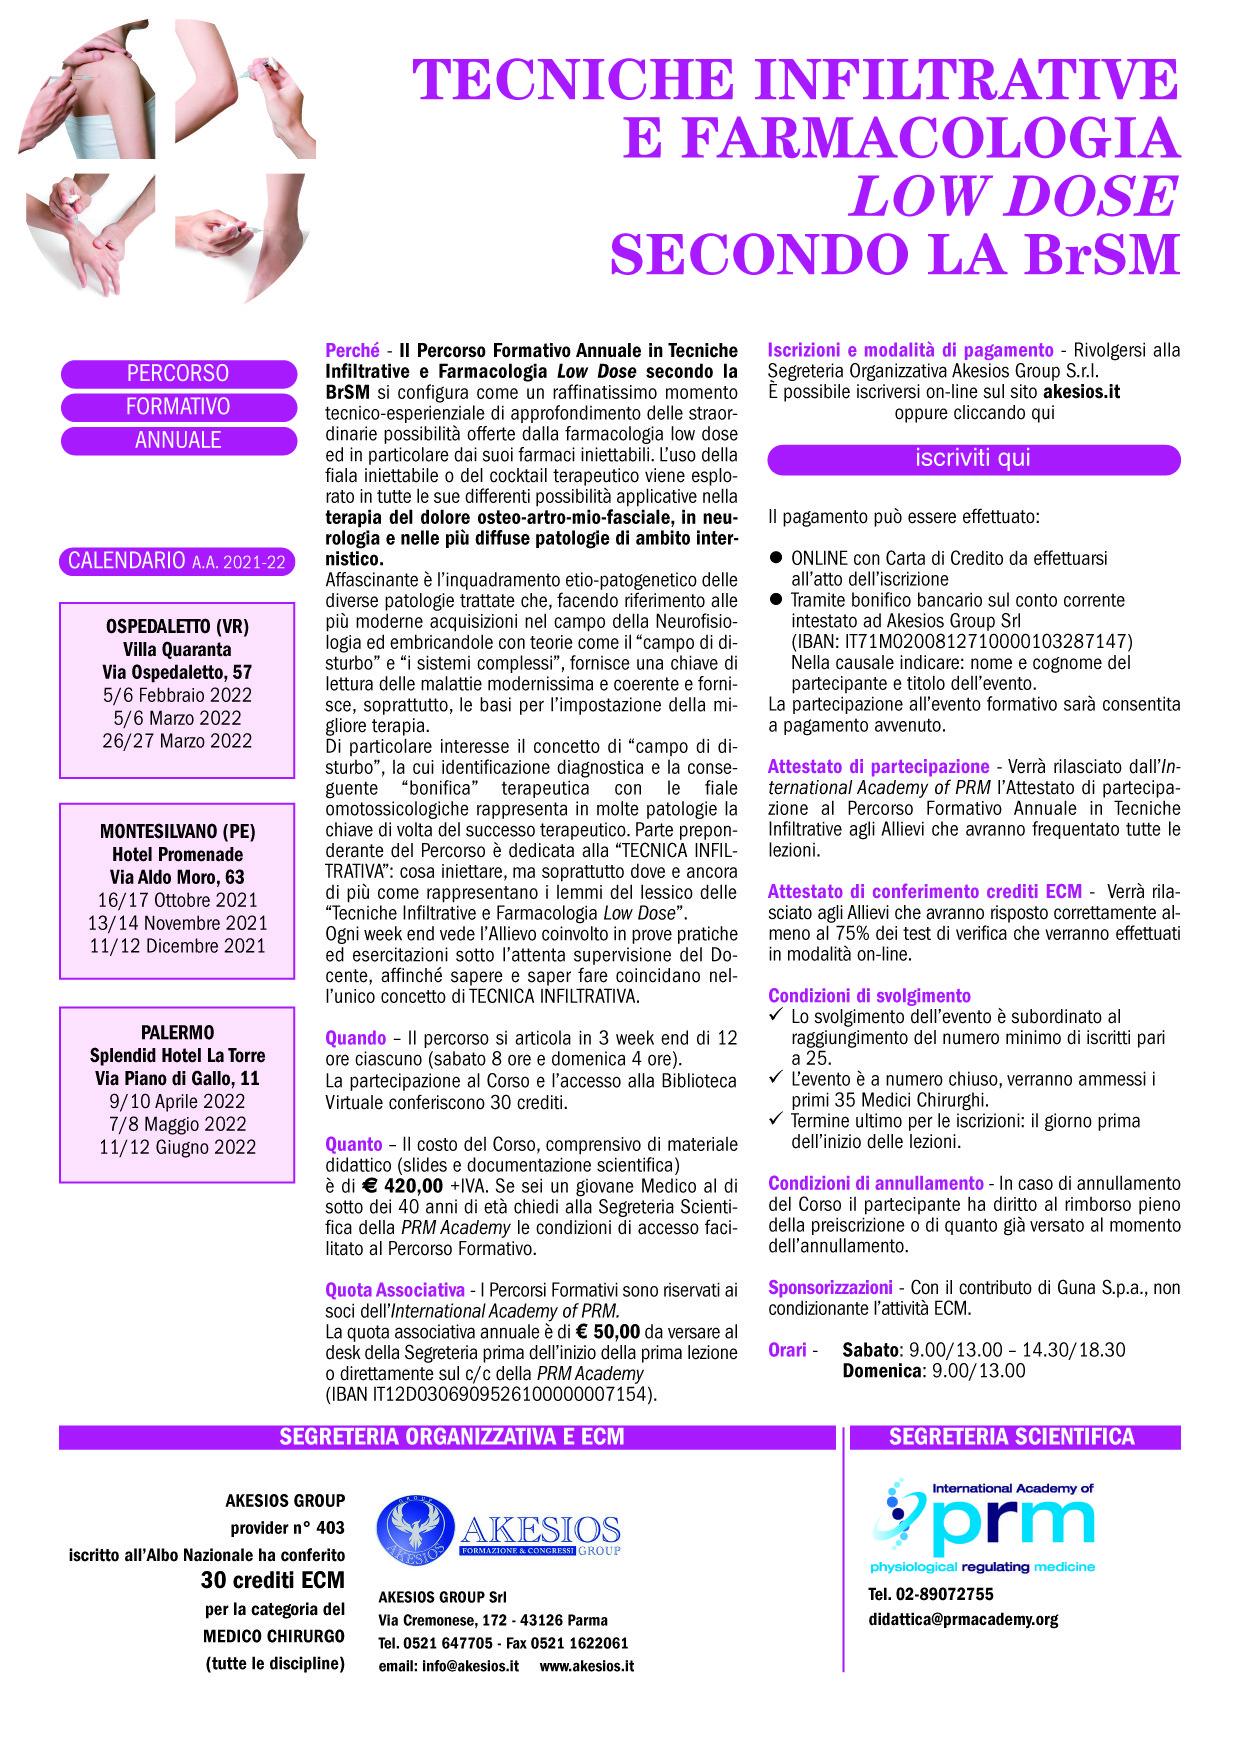 PERCORSO FORMATIVO ANNUALE IN TECNICHE INFILTRATIVE E FARMACOLOGIA LOW DOSE SECONDO LA BrSM